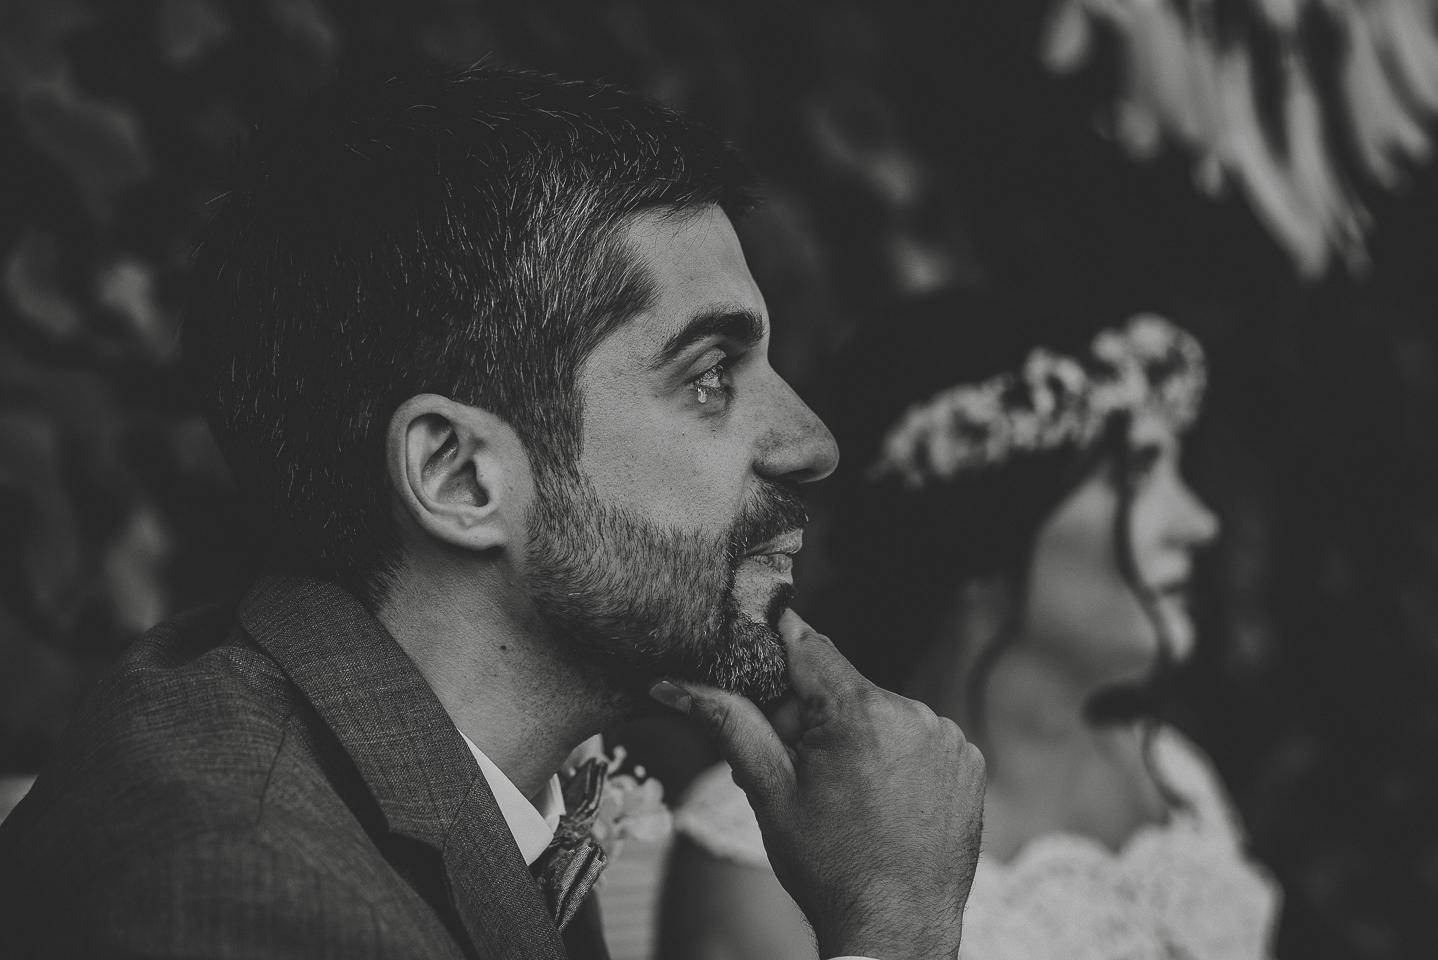 emocionees-boda-victor-more-lleida (1 de 1).jpg